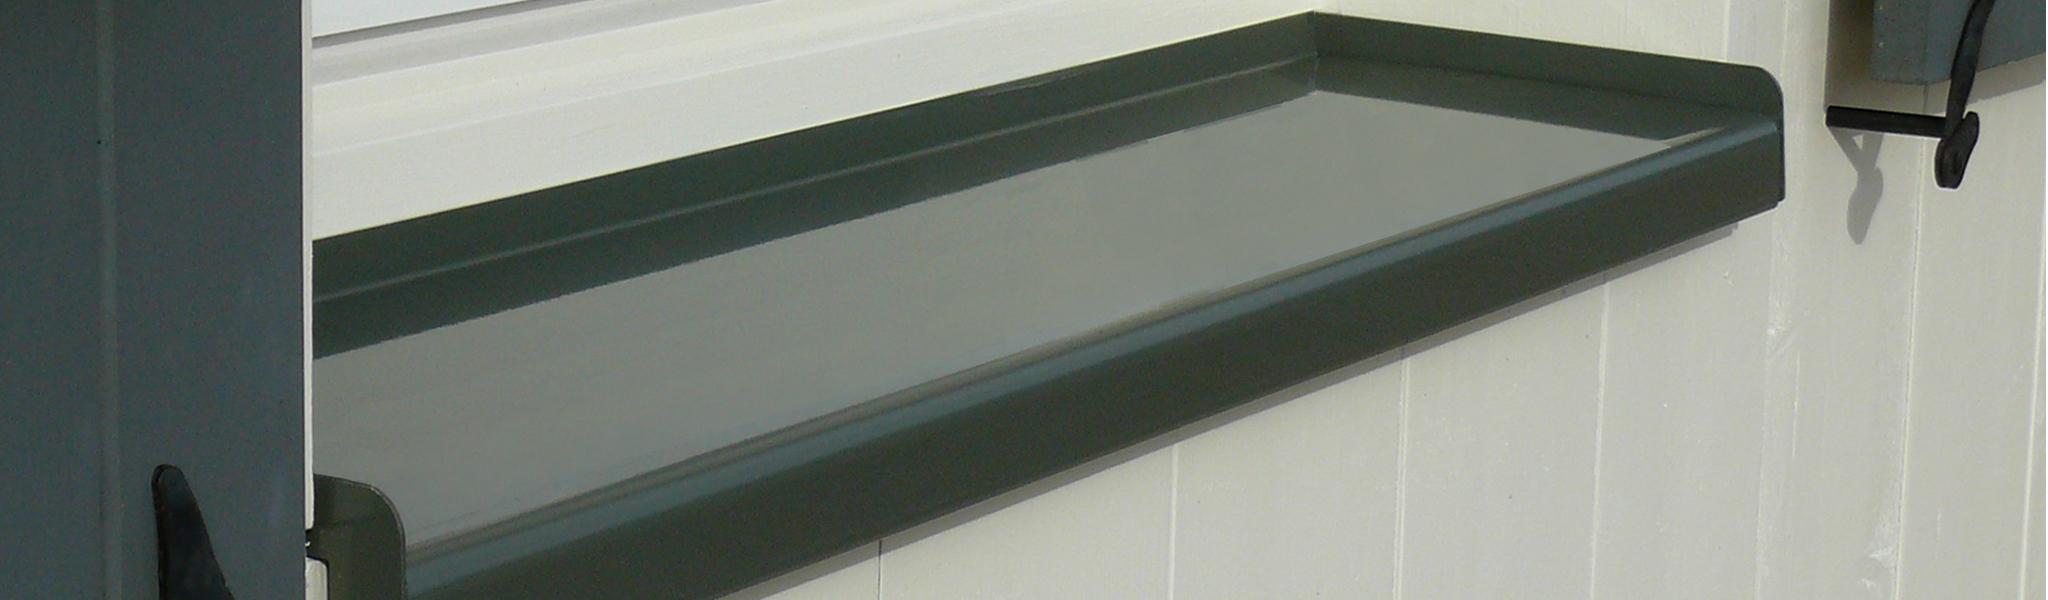 Dani Alu Protegenet Bavette Appui De Fenetre Aluminium Sur Mesure Laque